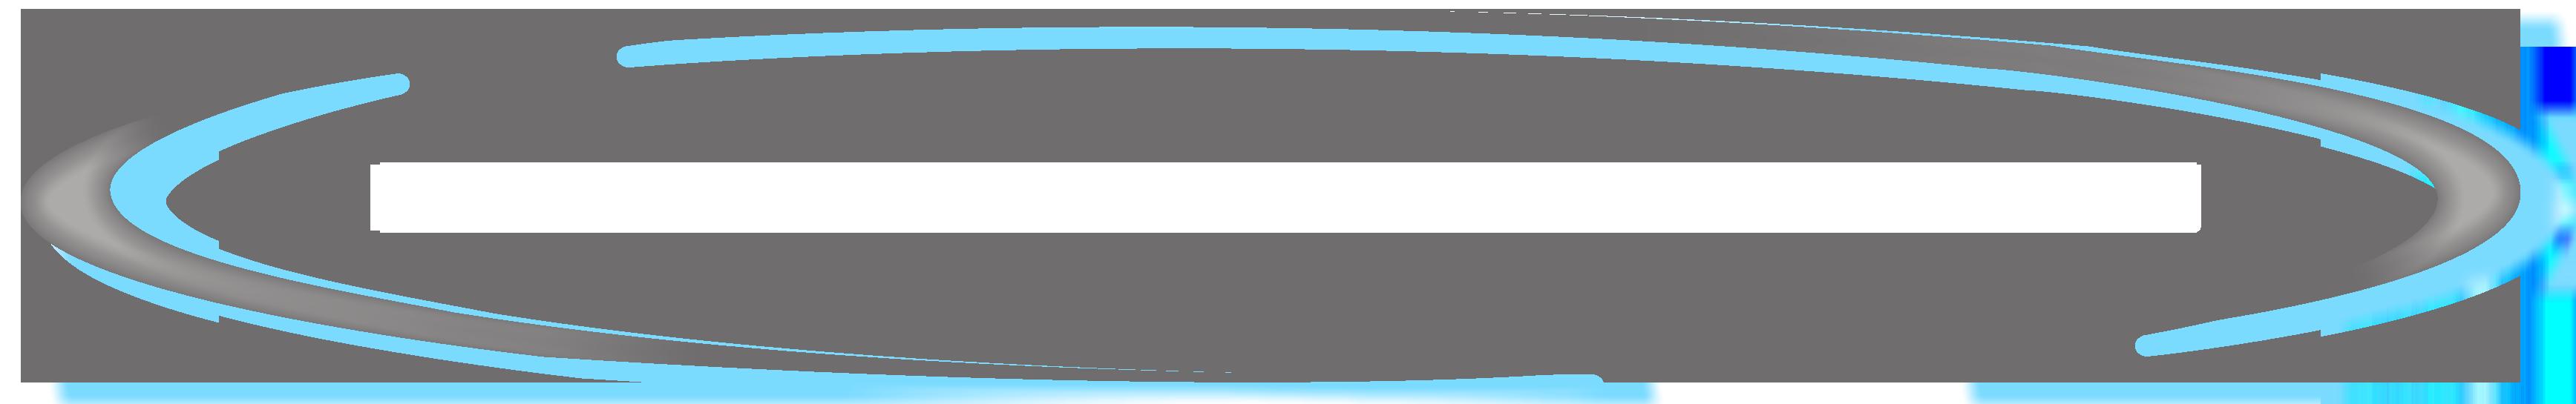 Dental medical innovation